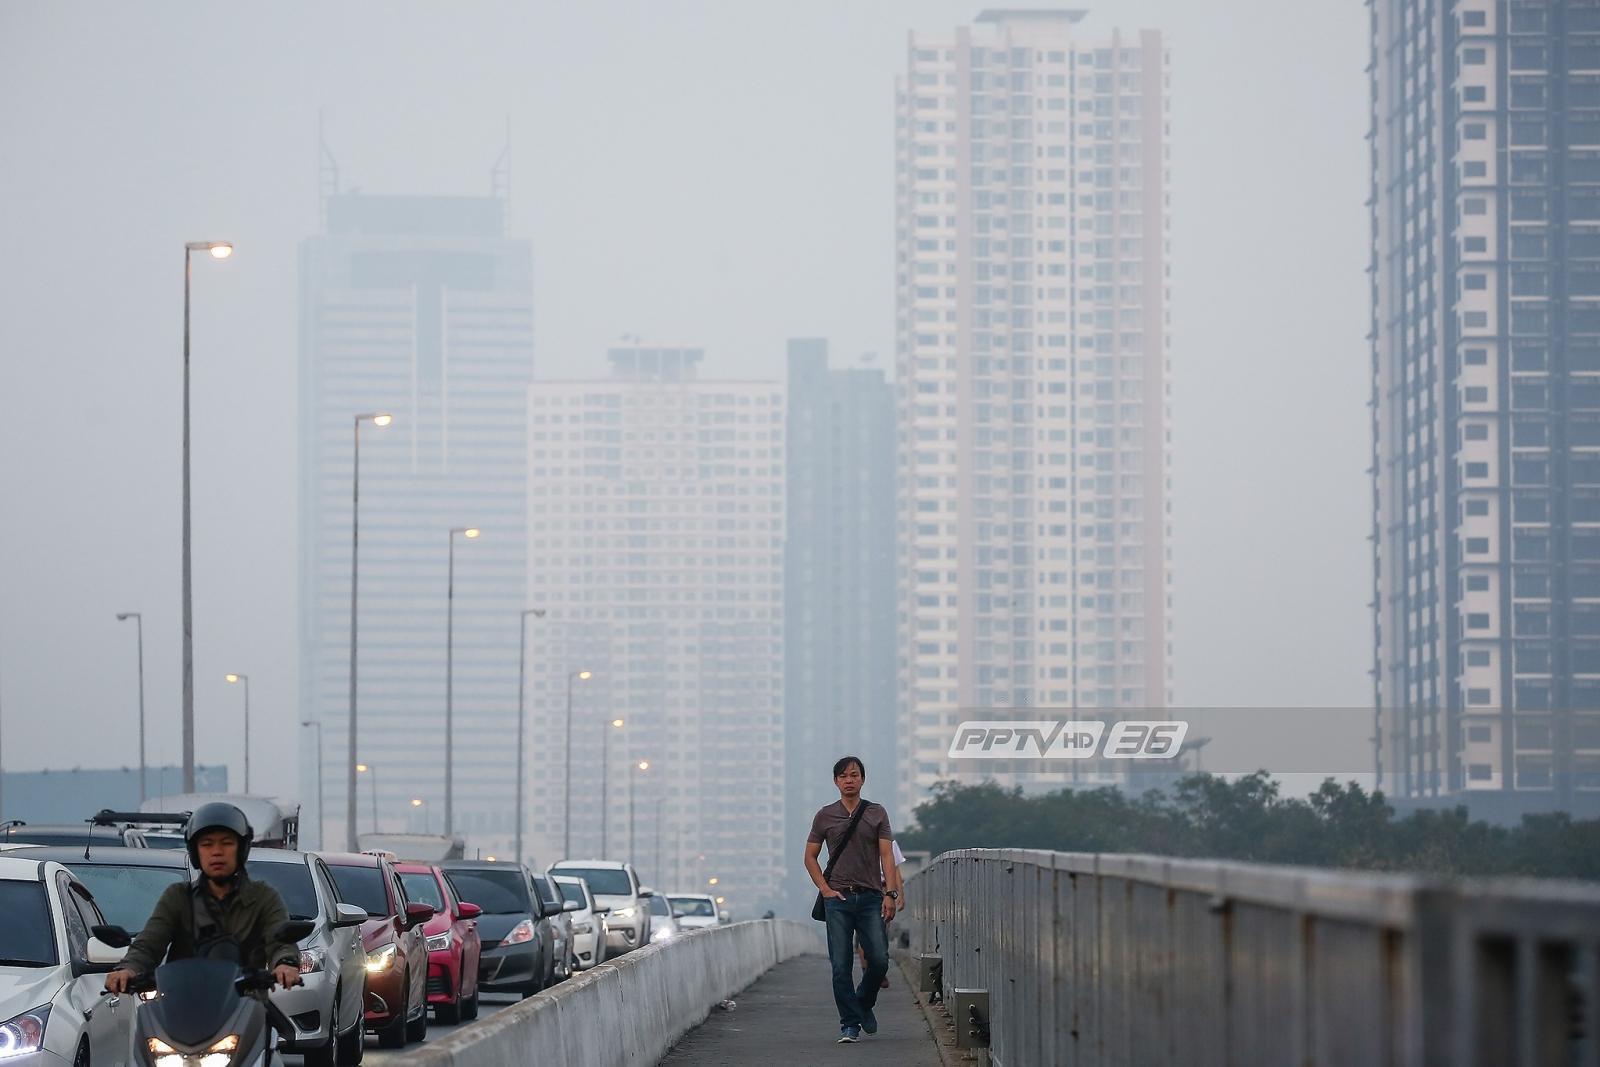 """กรีนพีซ เสนอ ตั้งวอร์รูม แก้วิกฤต """"ฝุ่นละออง PM 2.5"""""""